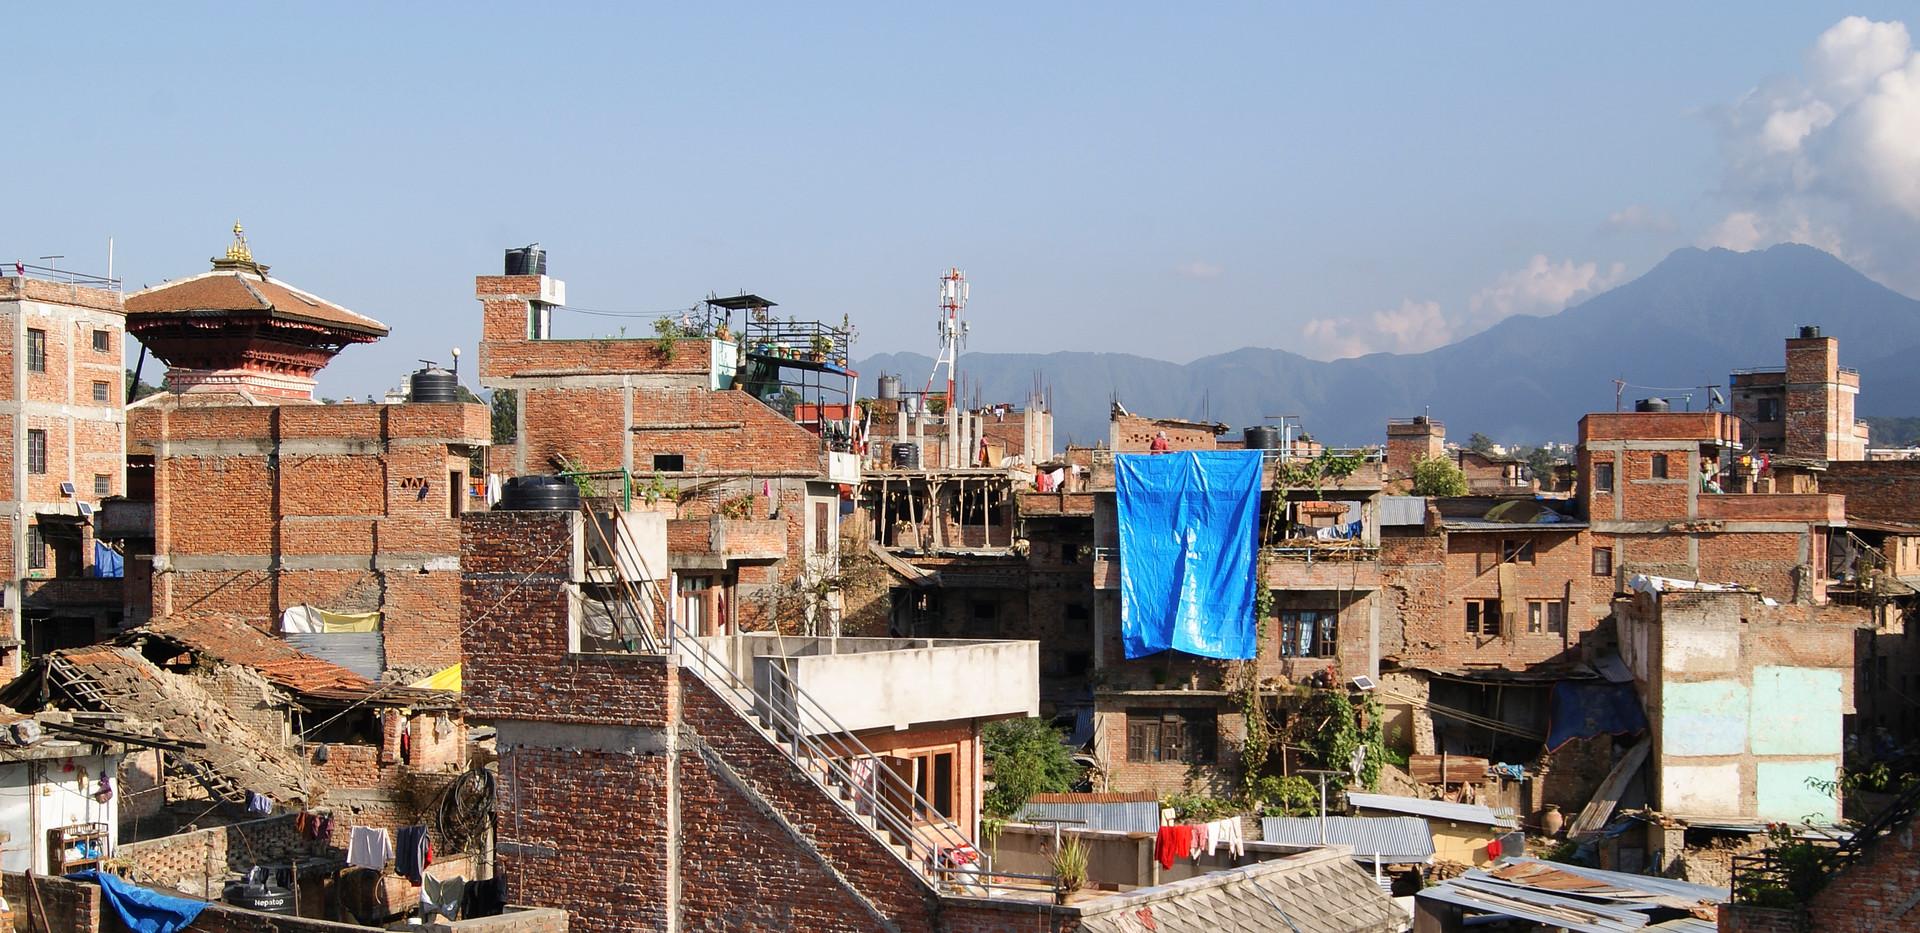 Bungamati Camp, Kathmandu, Nepal